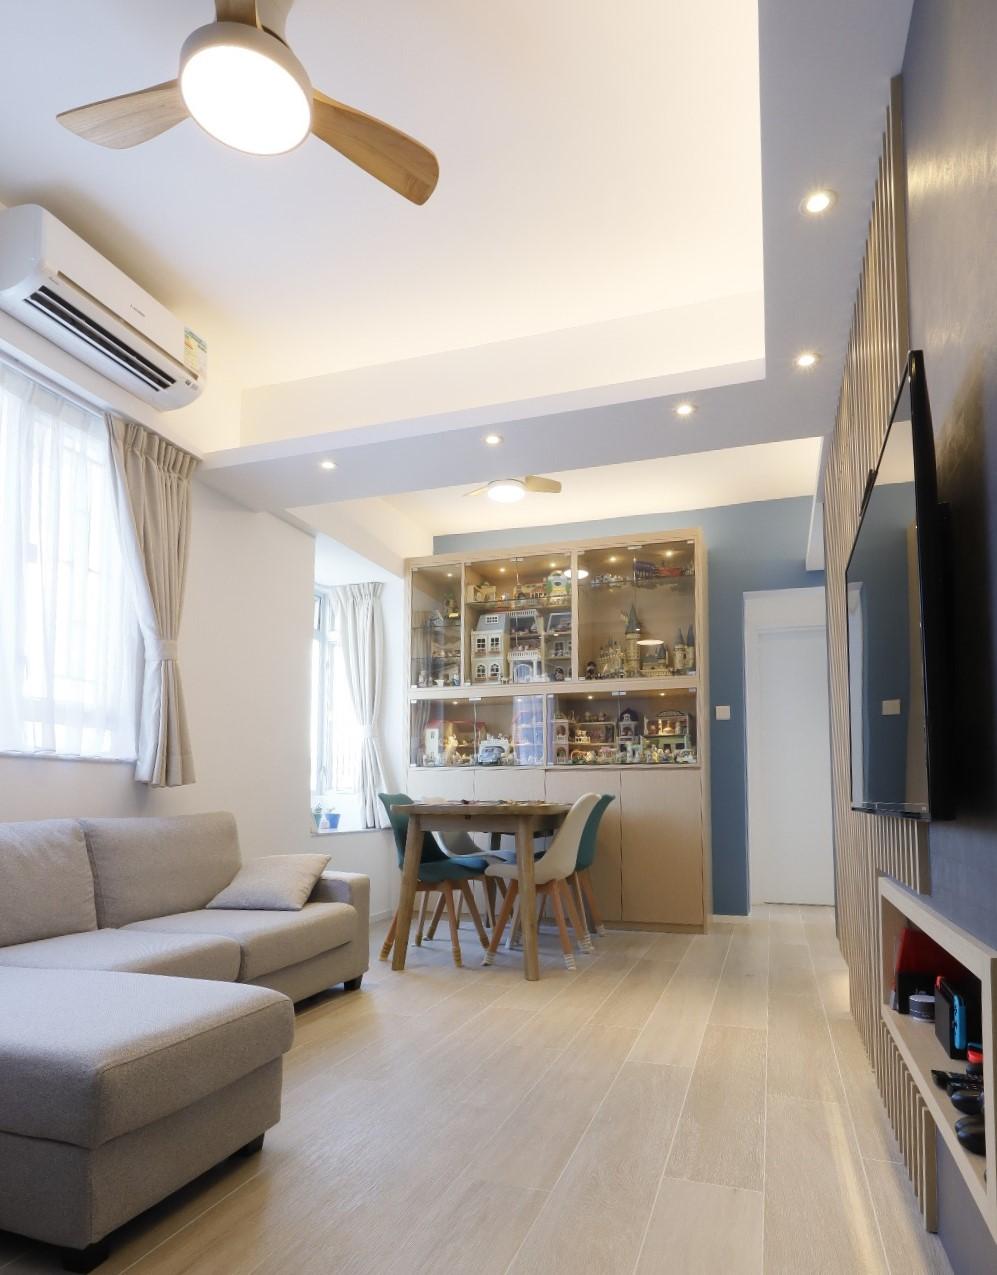 【設計變法】廳房對調 讓走廊變成起居空間